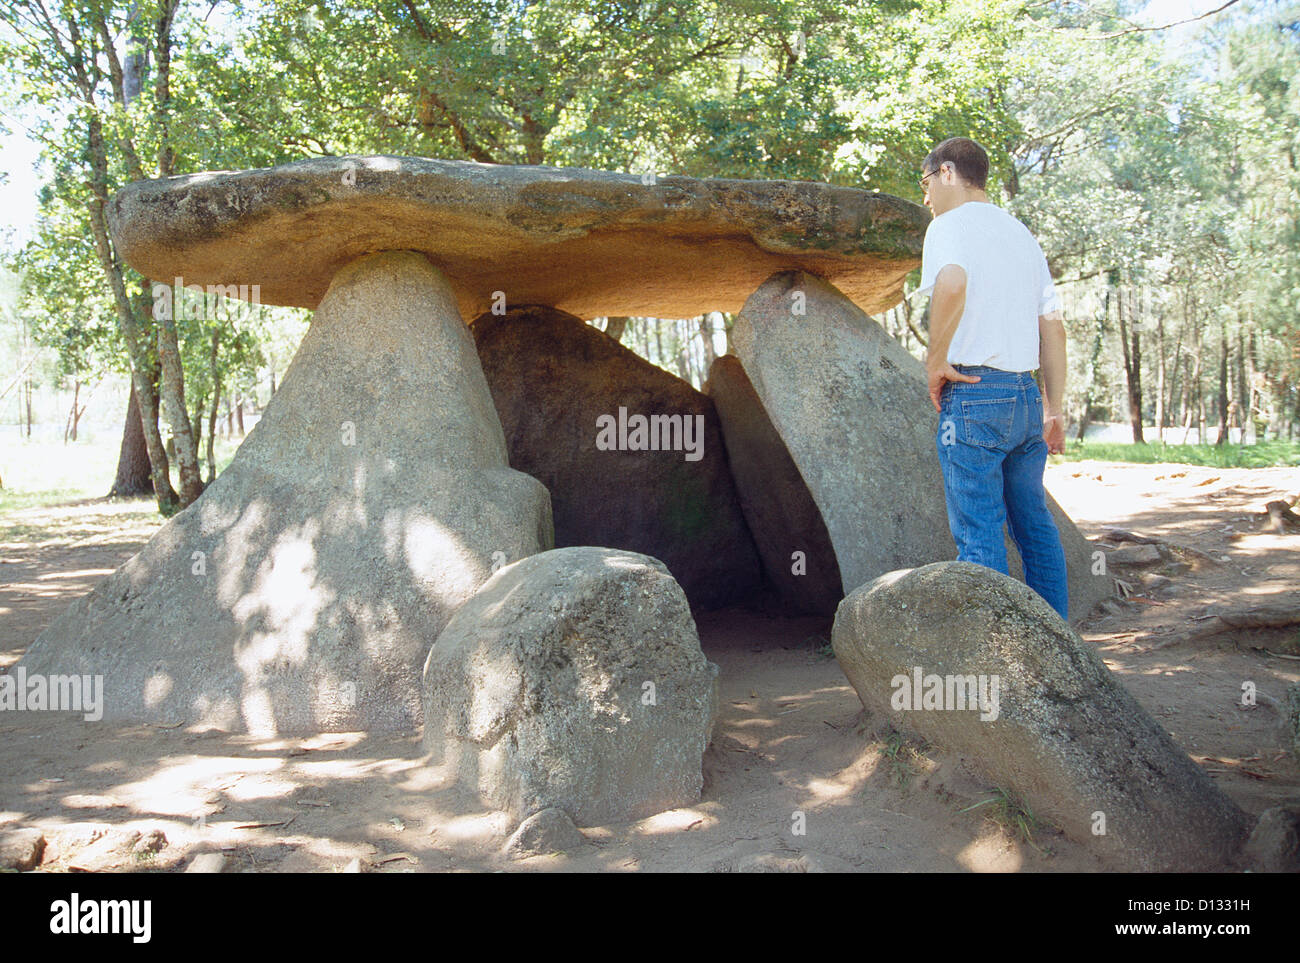 Axeitos dolmen. Dunas de Corrubedo Nature Reserve, La Coruña province, Galicia, Spain. - Stock Image